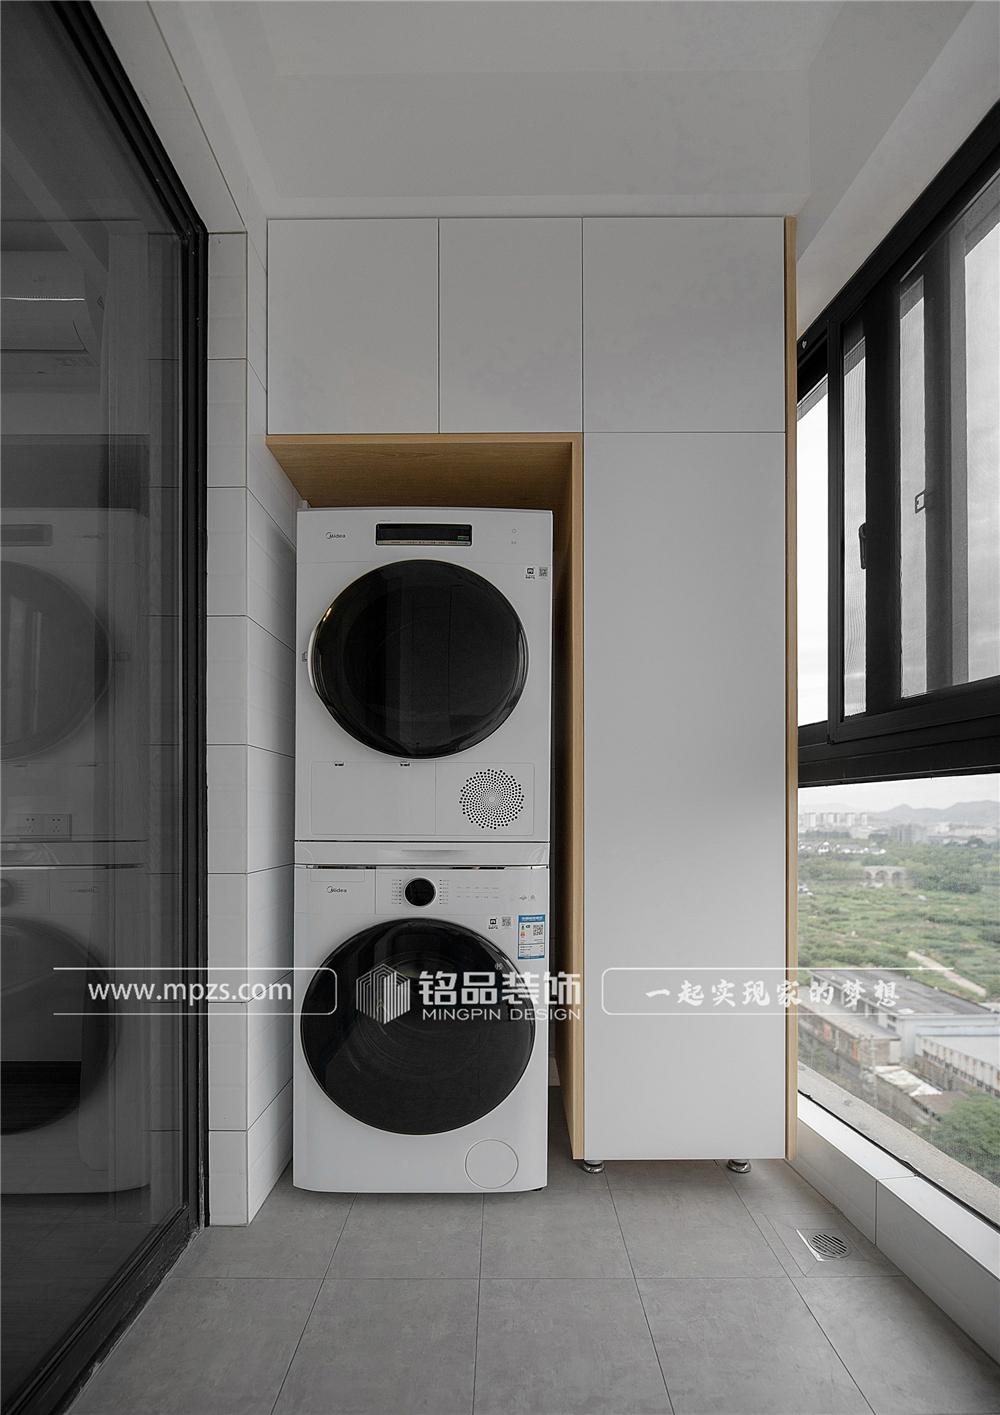 杭州140平方米北欧风格三室两厅公寓装修案例_效果图 (11)